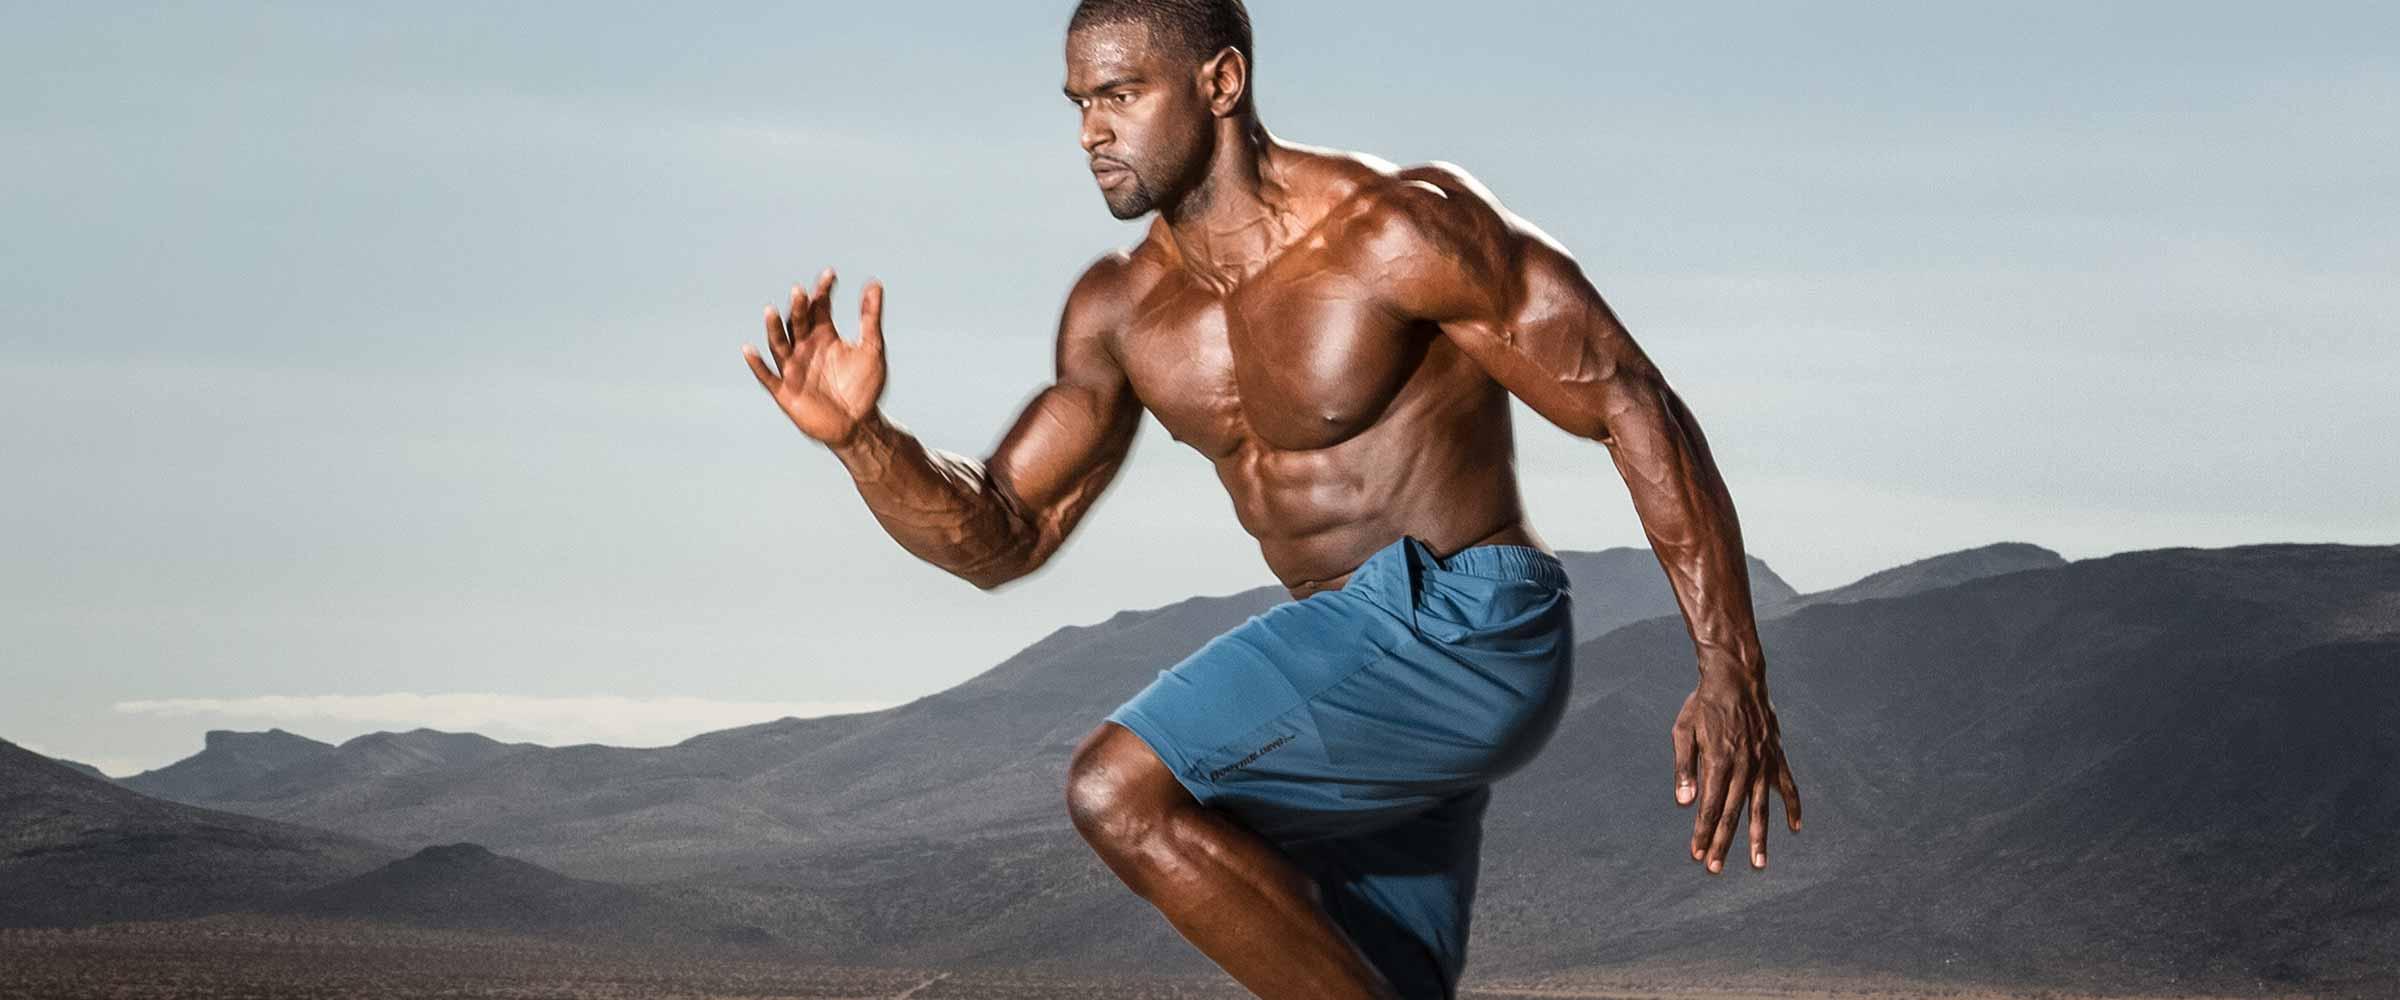 Могут ли излишние кардио-тренировки причинить вред сердцу? – зожник  могут ли излишние кардио-тренировки причинить вред сердцу? – зожник